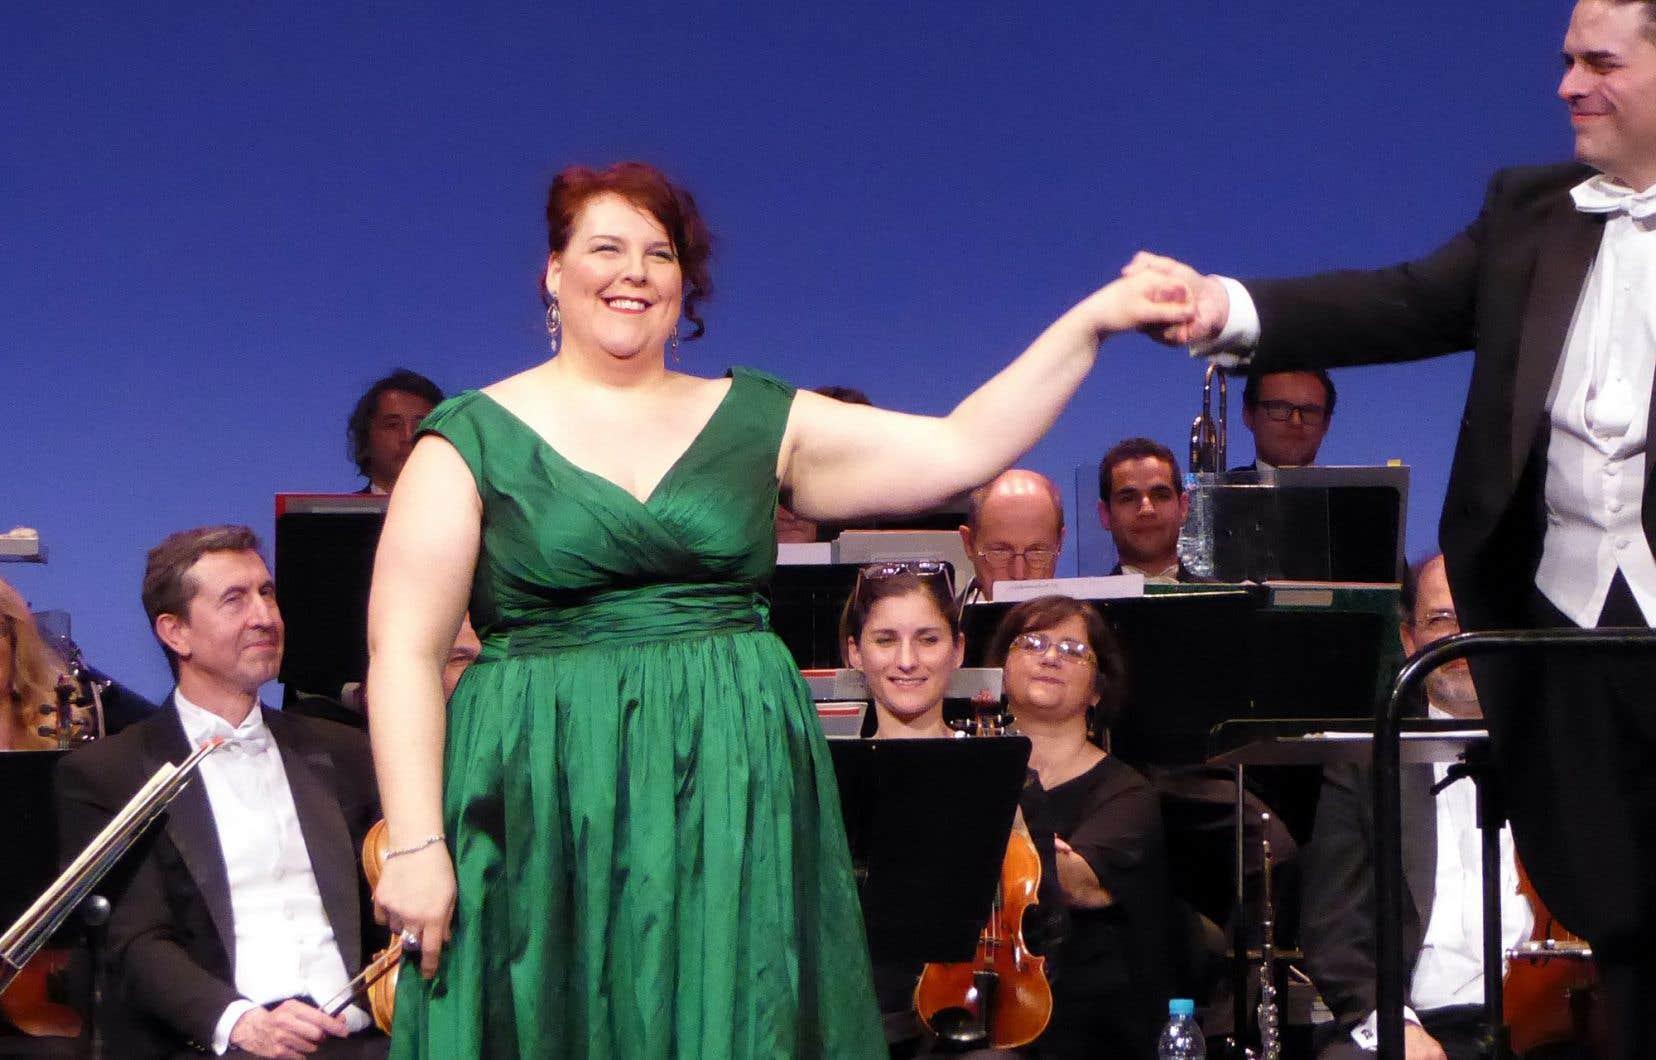 La chanteuse Marie-Nicole Lemieux a été émue aux larmes lors de sa prestation parisienne.